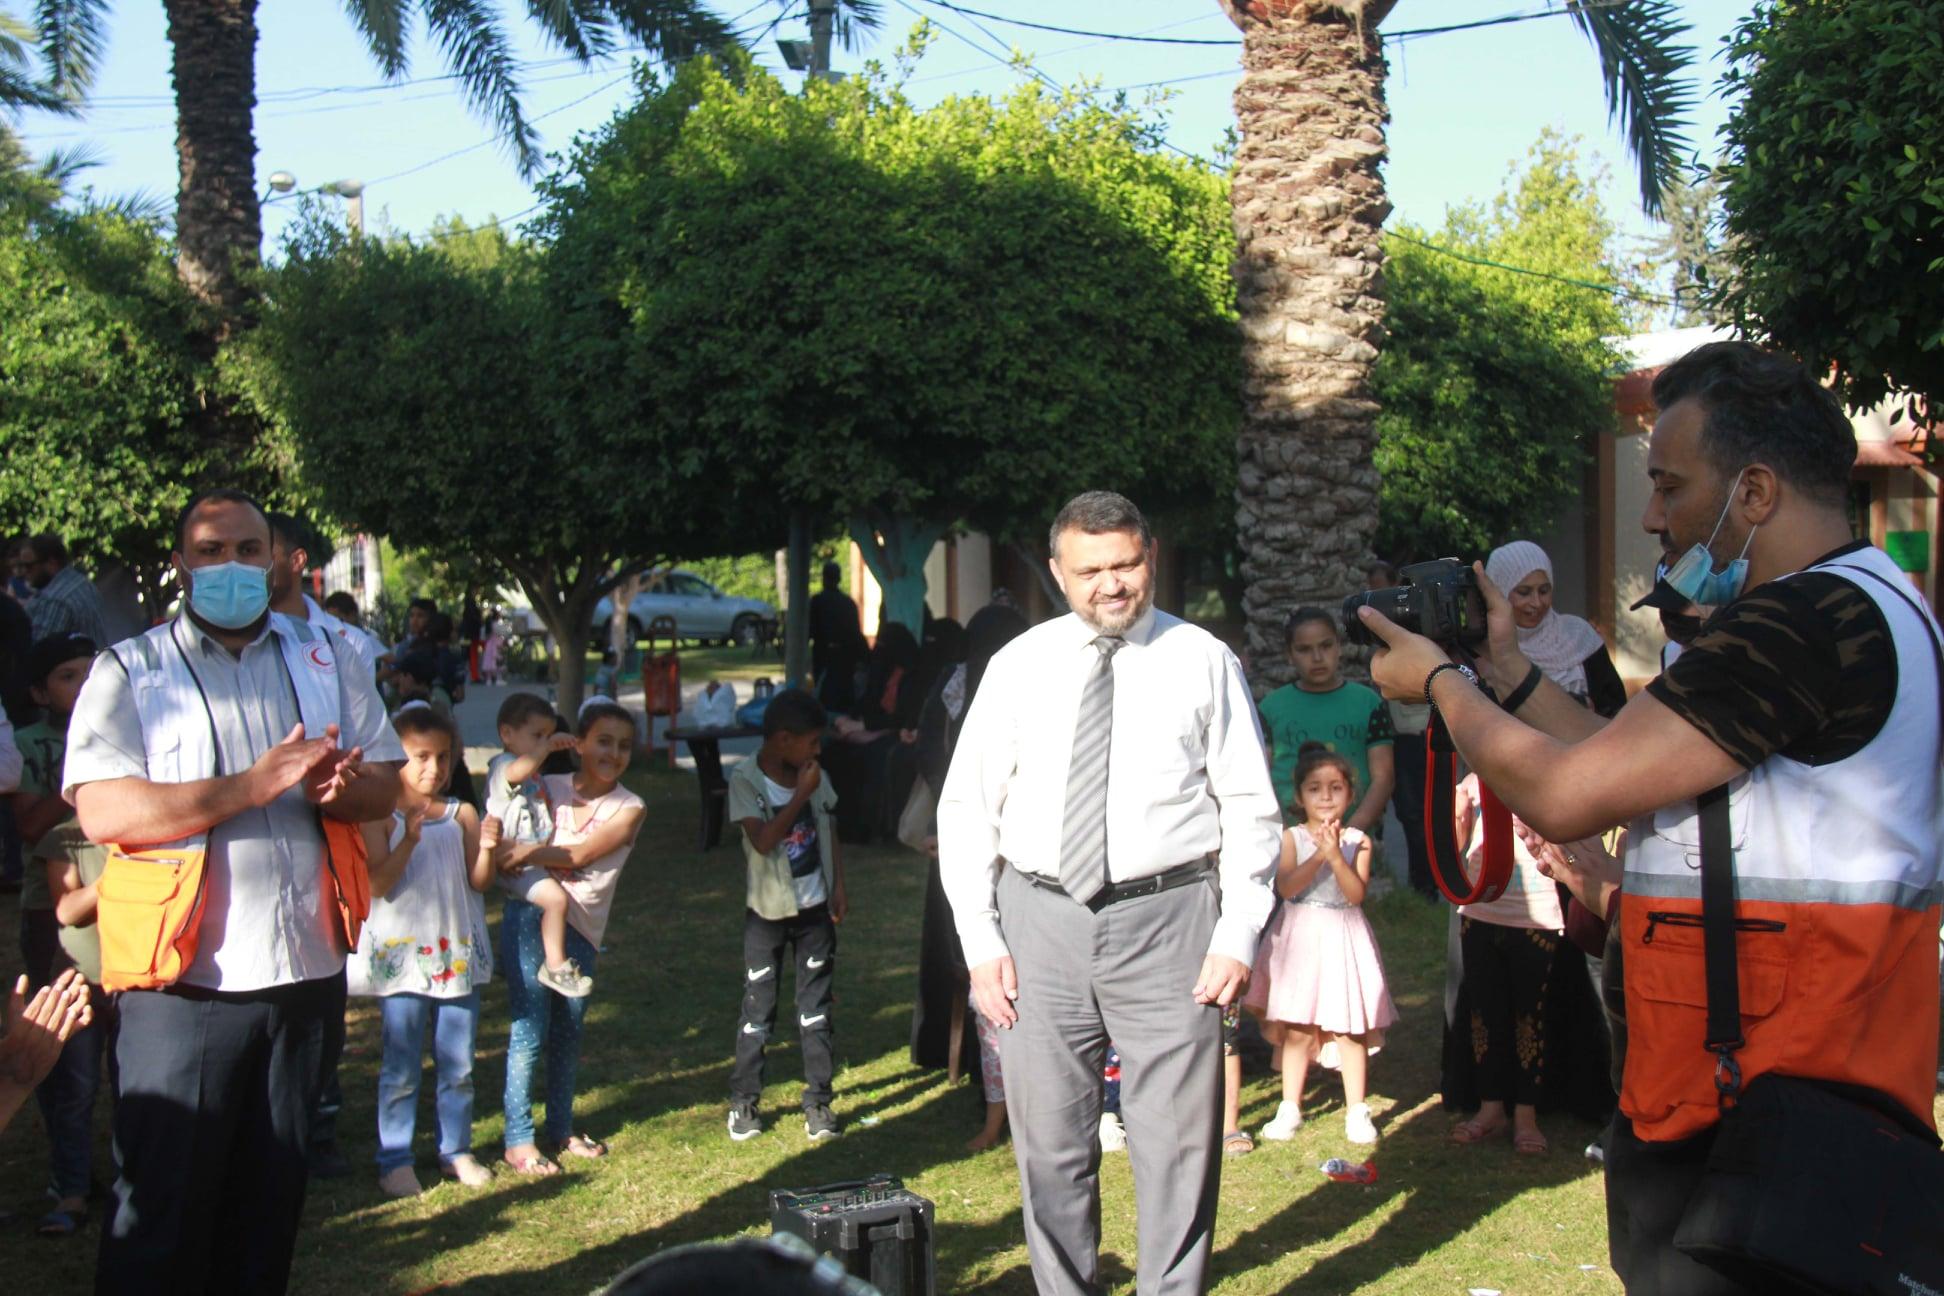 جانب من فعاليات أسبوع المرح الترفيهي في منتزه بلدية دير البلح